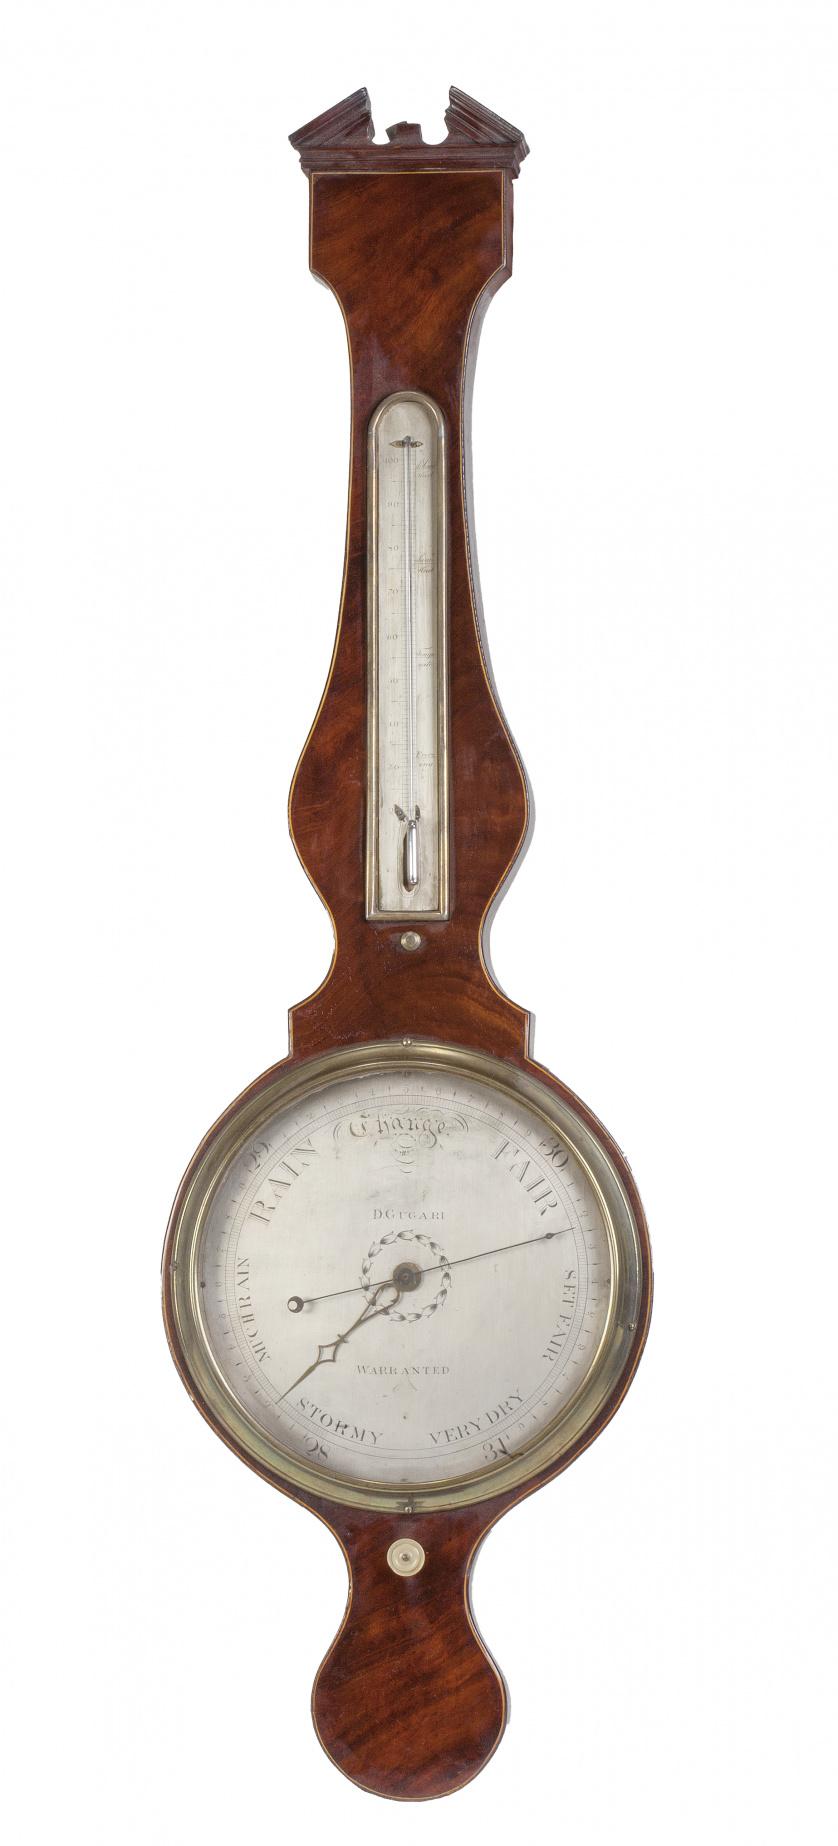 Barómetro en madera de caoba. Firmado en la esfera. D Gugari